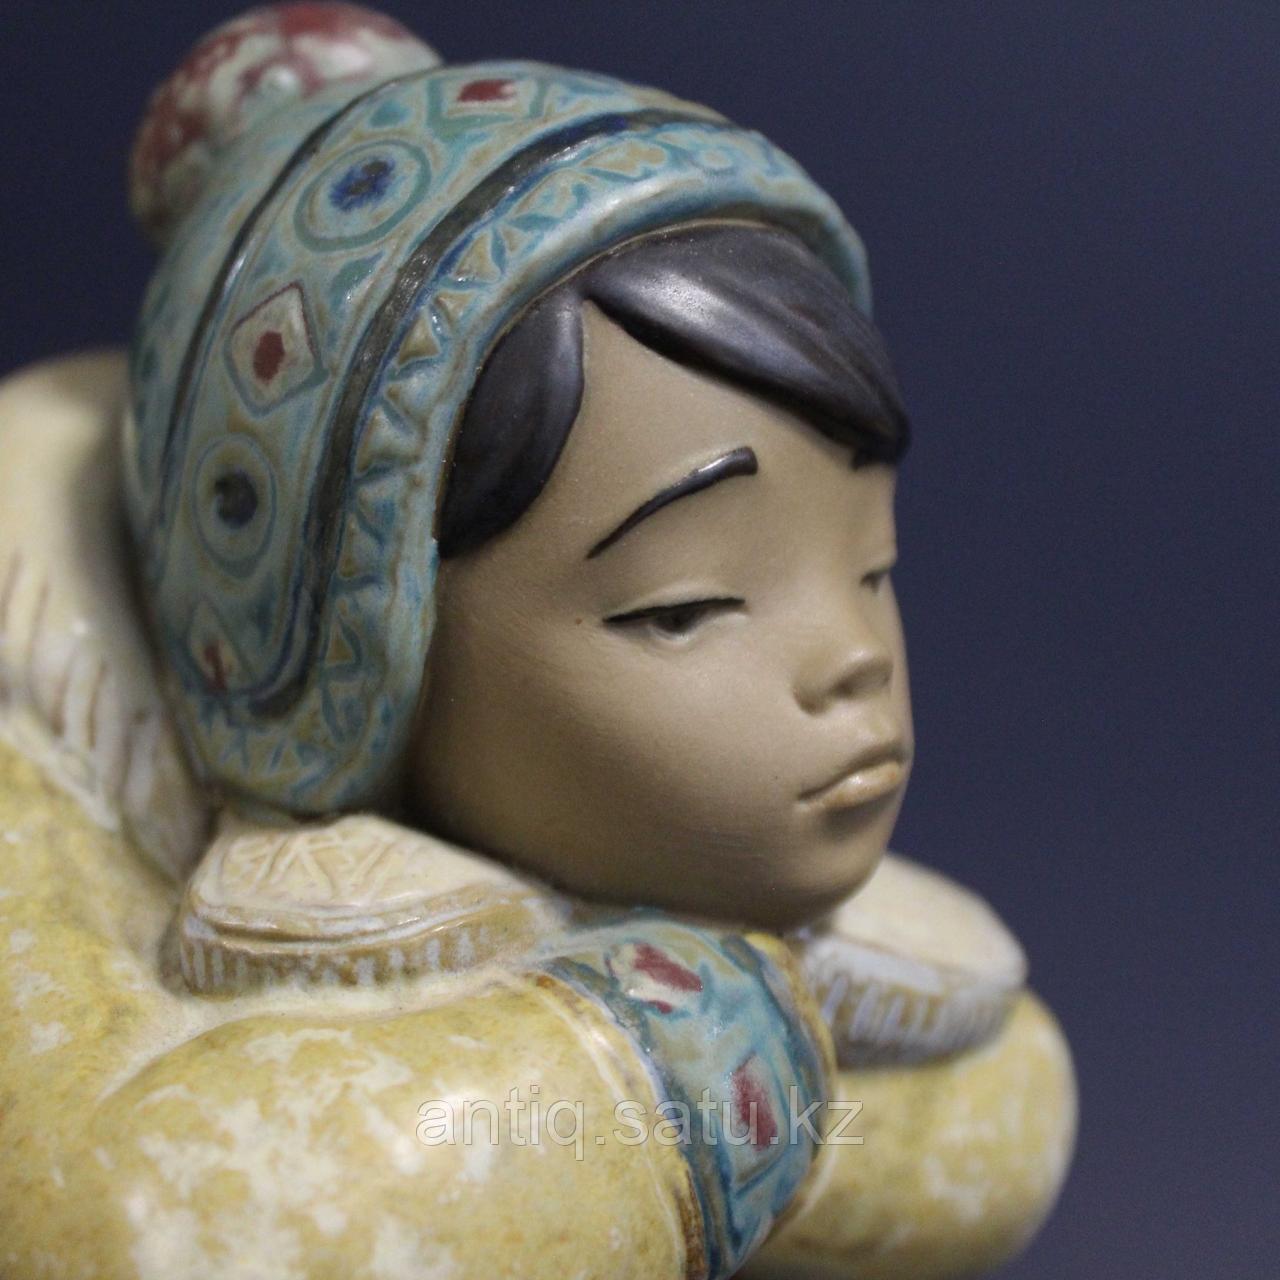 Мальчик-эскимос. Фарфоровая мануфактура Lladro - фото 6